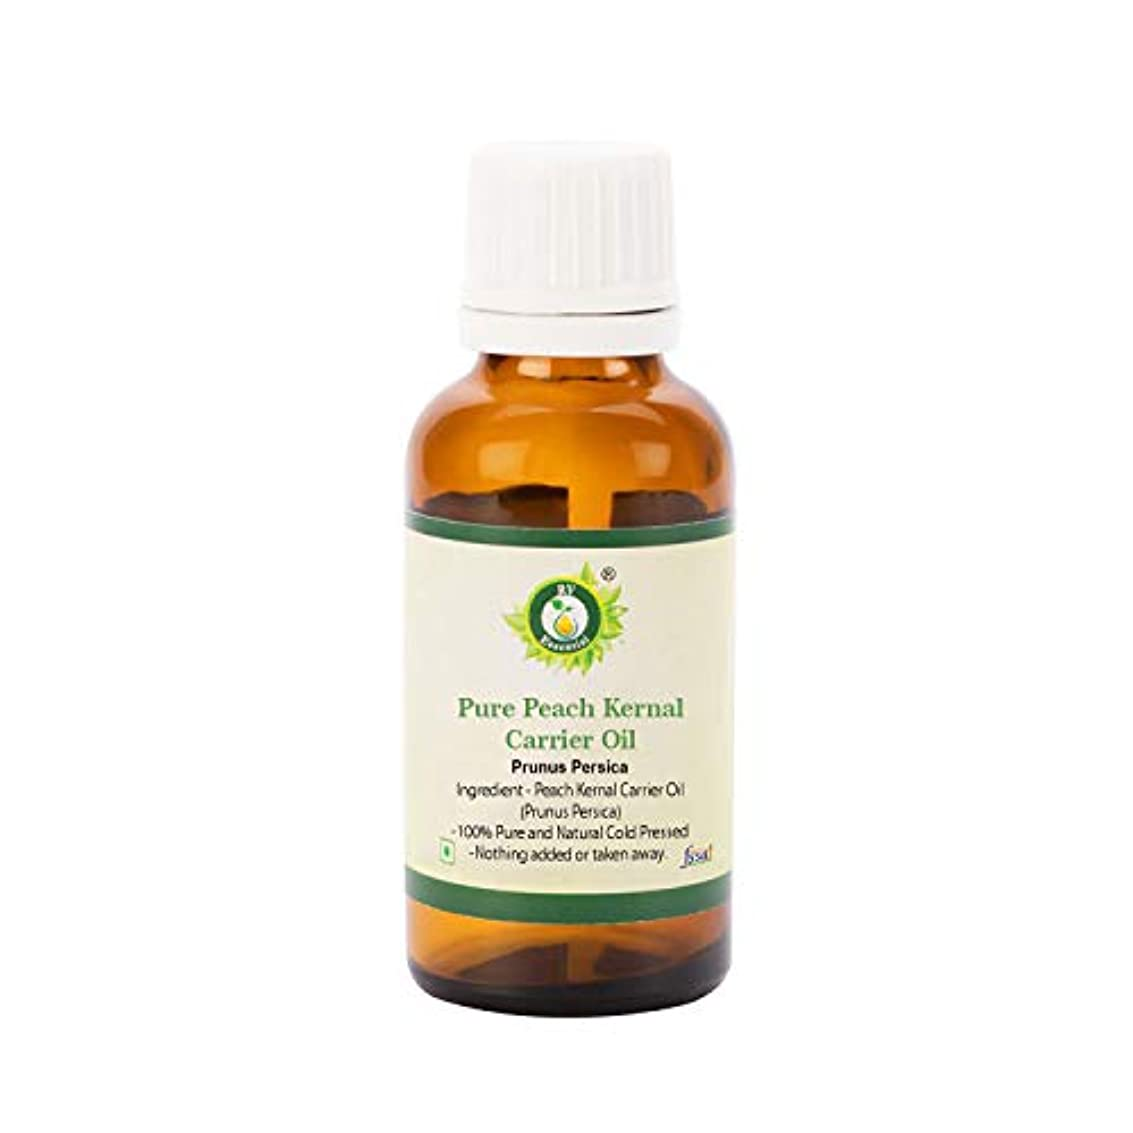 亡命すごい旅行R V Essential ピュアピーチ Kernalキャリアオイル15ml (0.507oz)- Prunus Persica (100%ピュア&ナチュラルコールドPressed) Pure Peach Kernal...